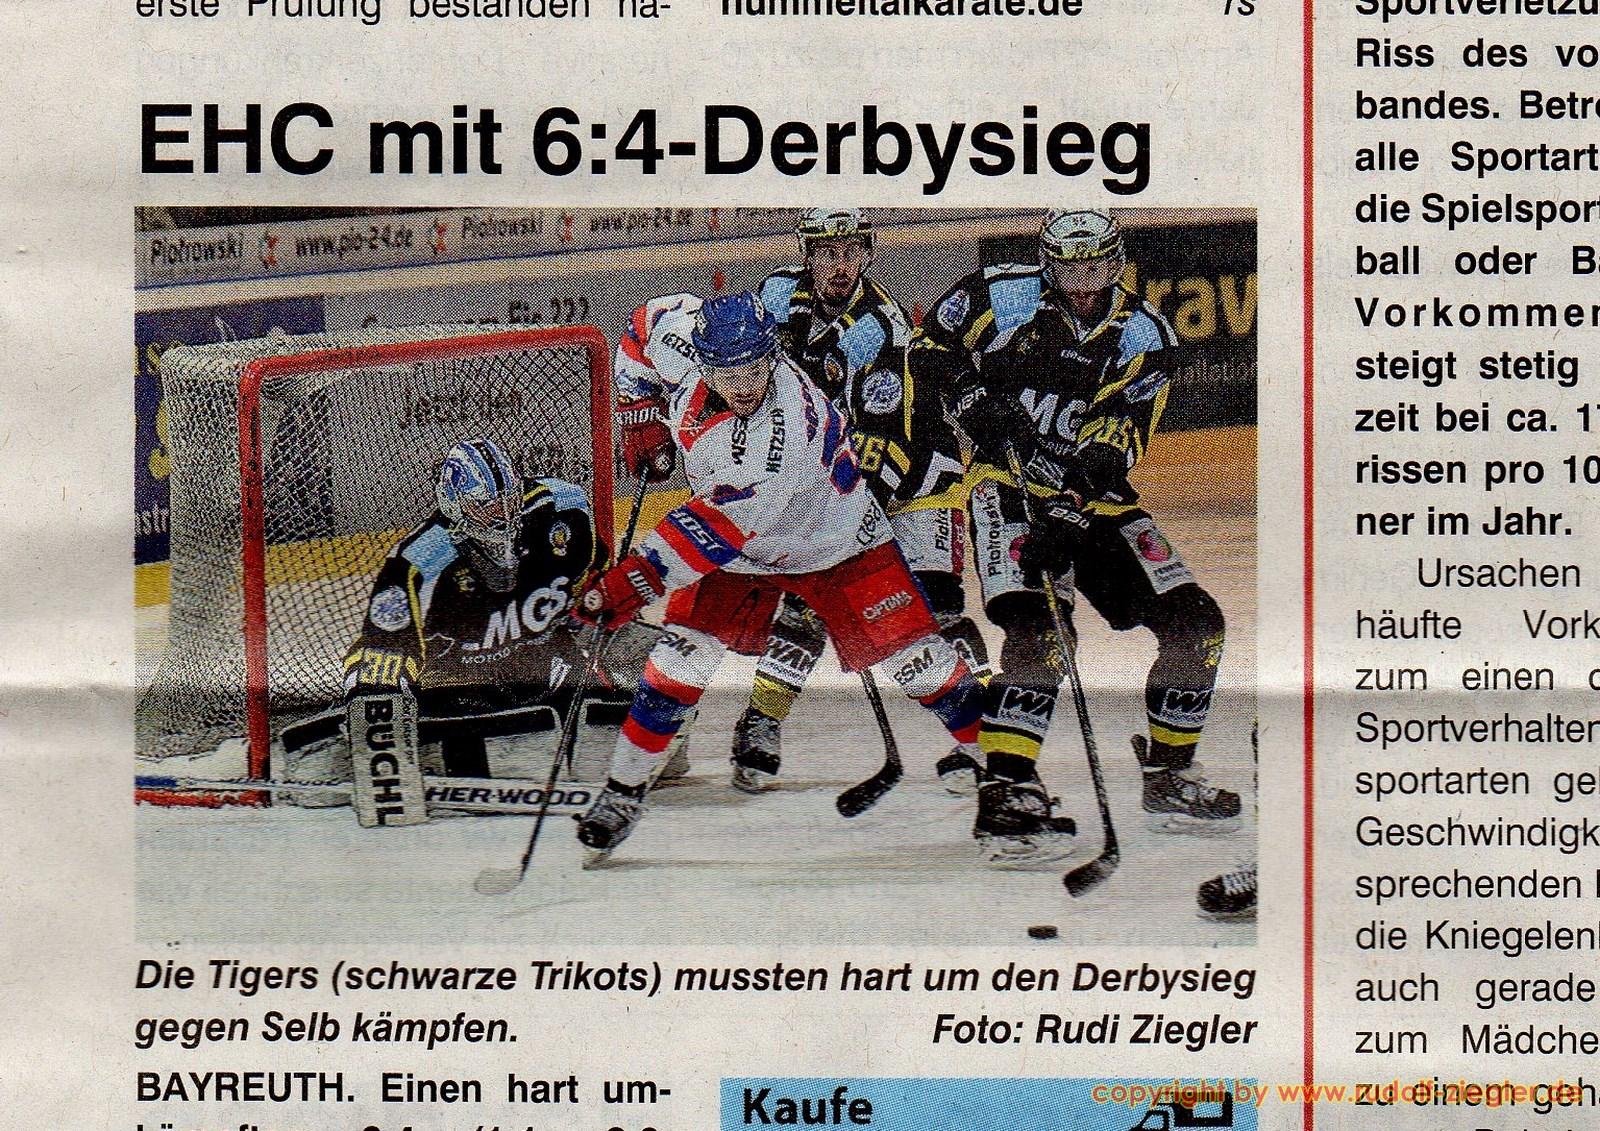 Bayreuther Sonntagszeitung 2016-01-17-A - 1600x1200